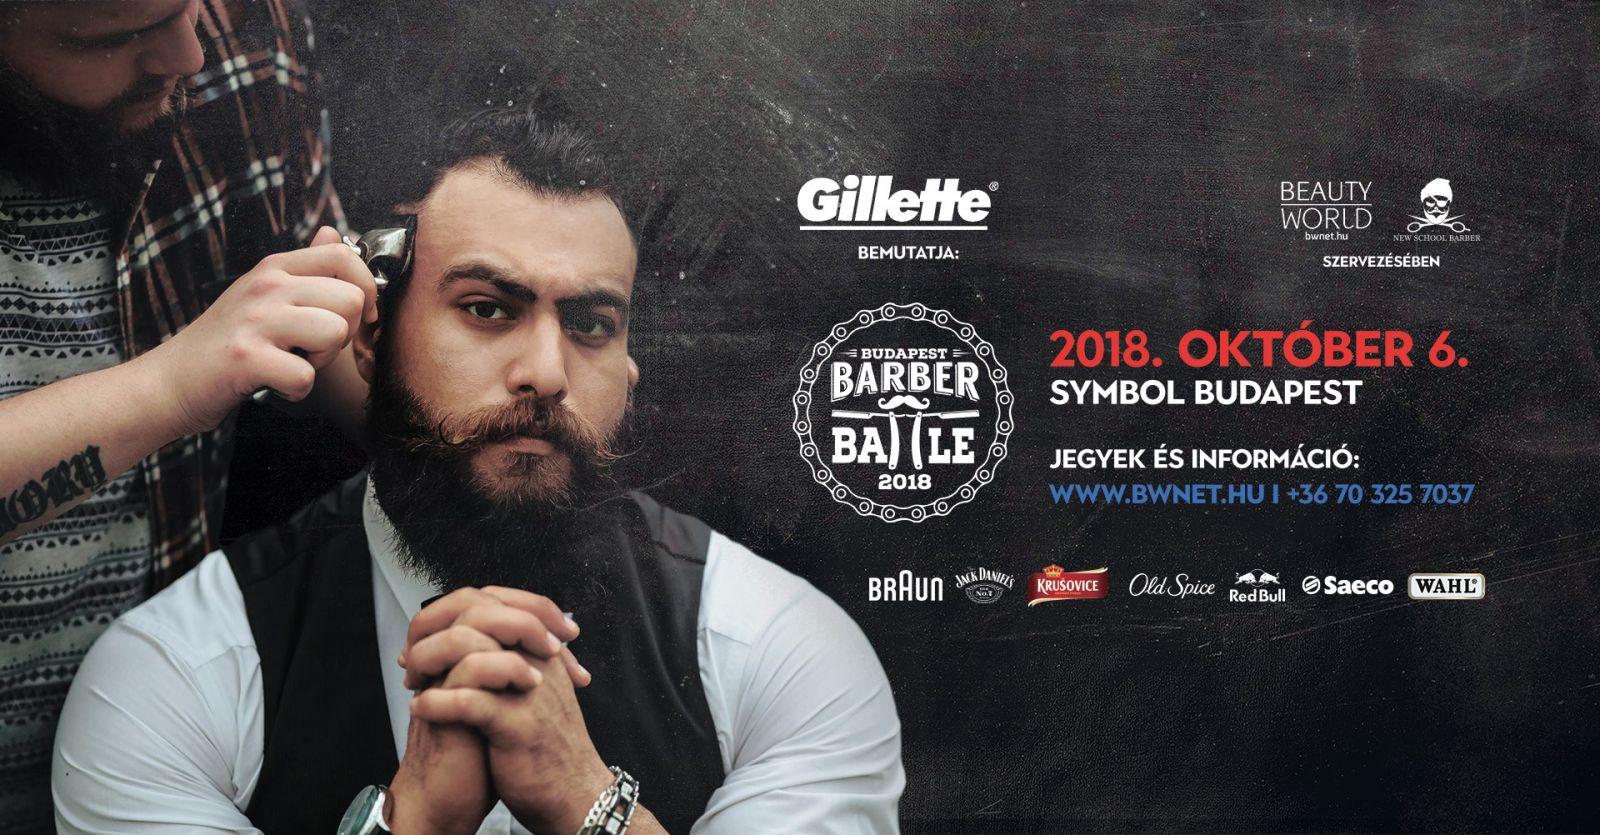 2018. október 6-án a Barber Battle Budapest fodrászdöntő egyedülálló show-t tartogat.